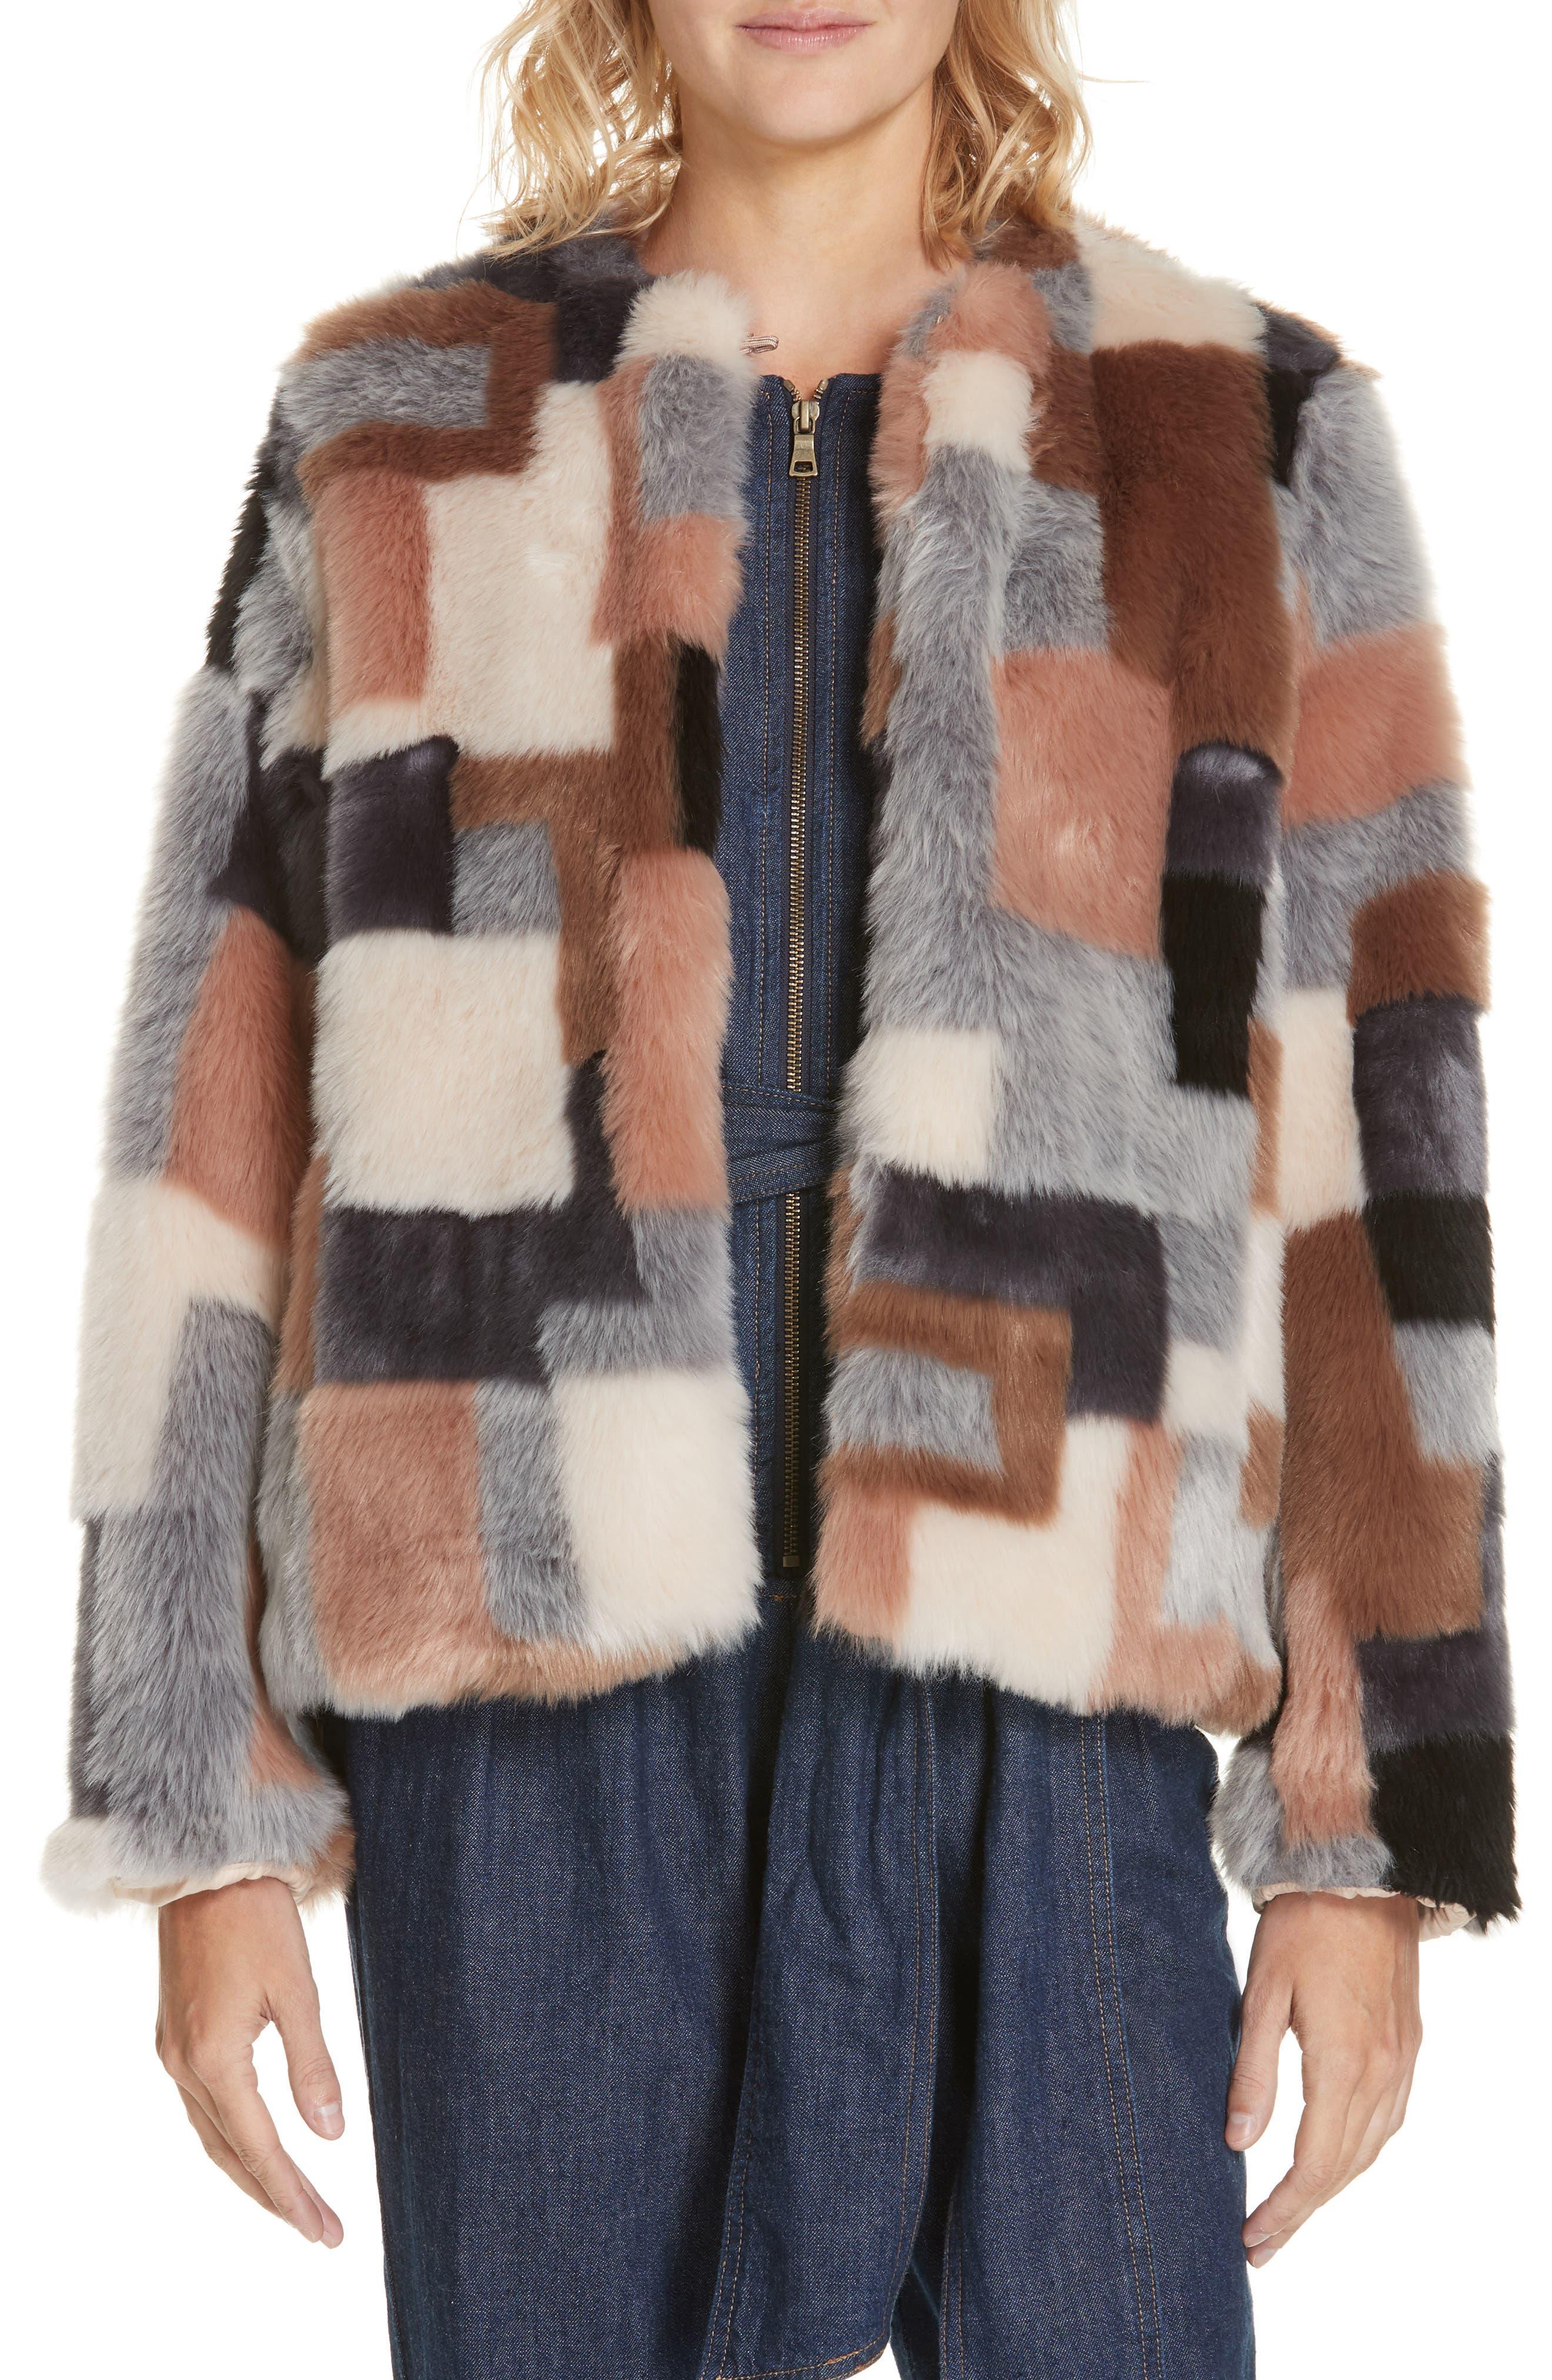 LA VIE REBECCA TAYLOR,                             Patched Faux Fur Jacket,                             Main thumbnail 1, color,                             400